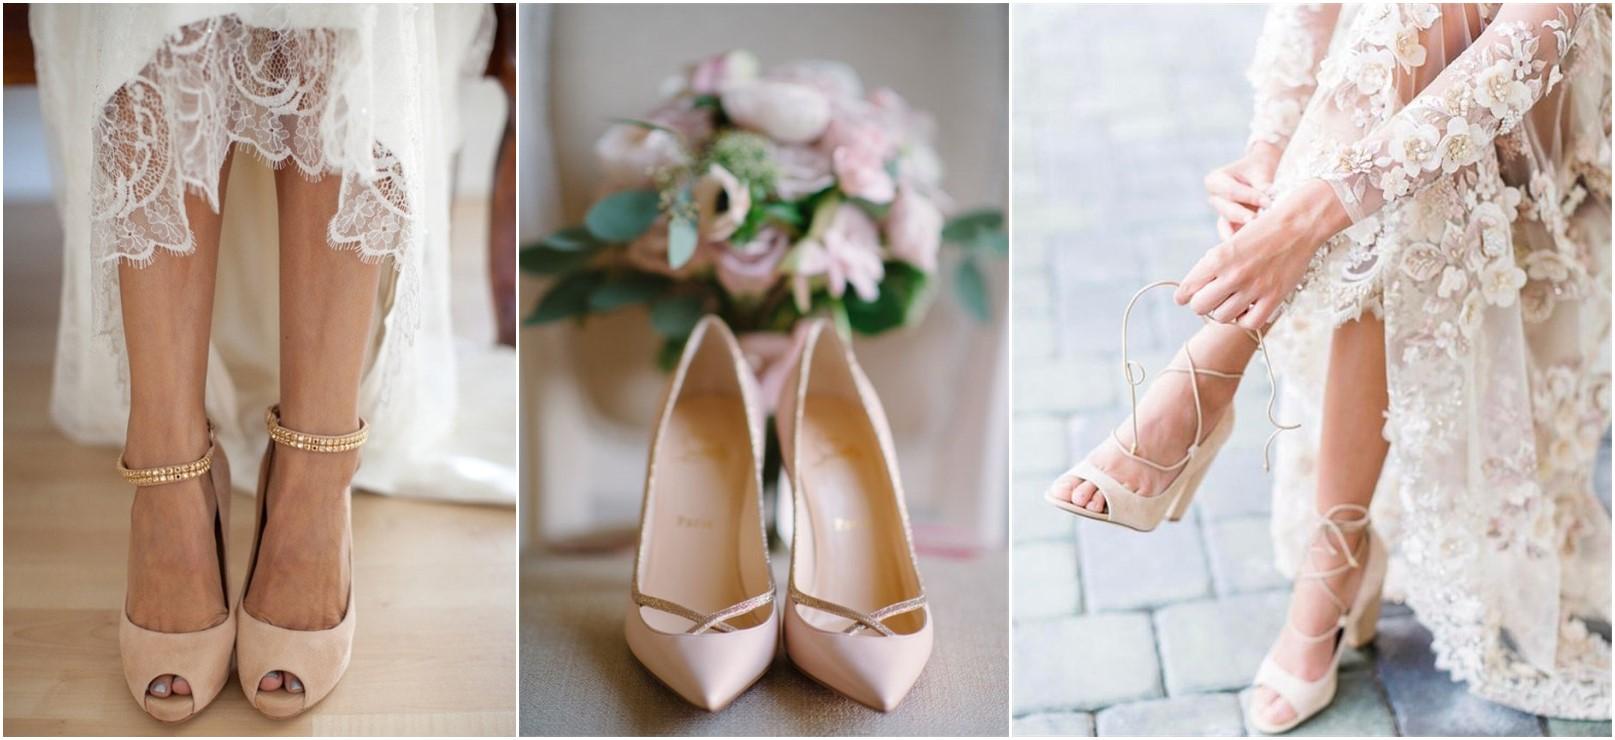 مدل کفش عروس جدید کفش عروس زیبا